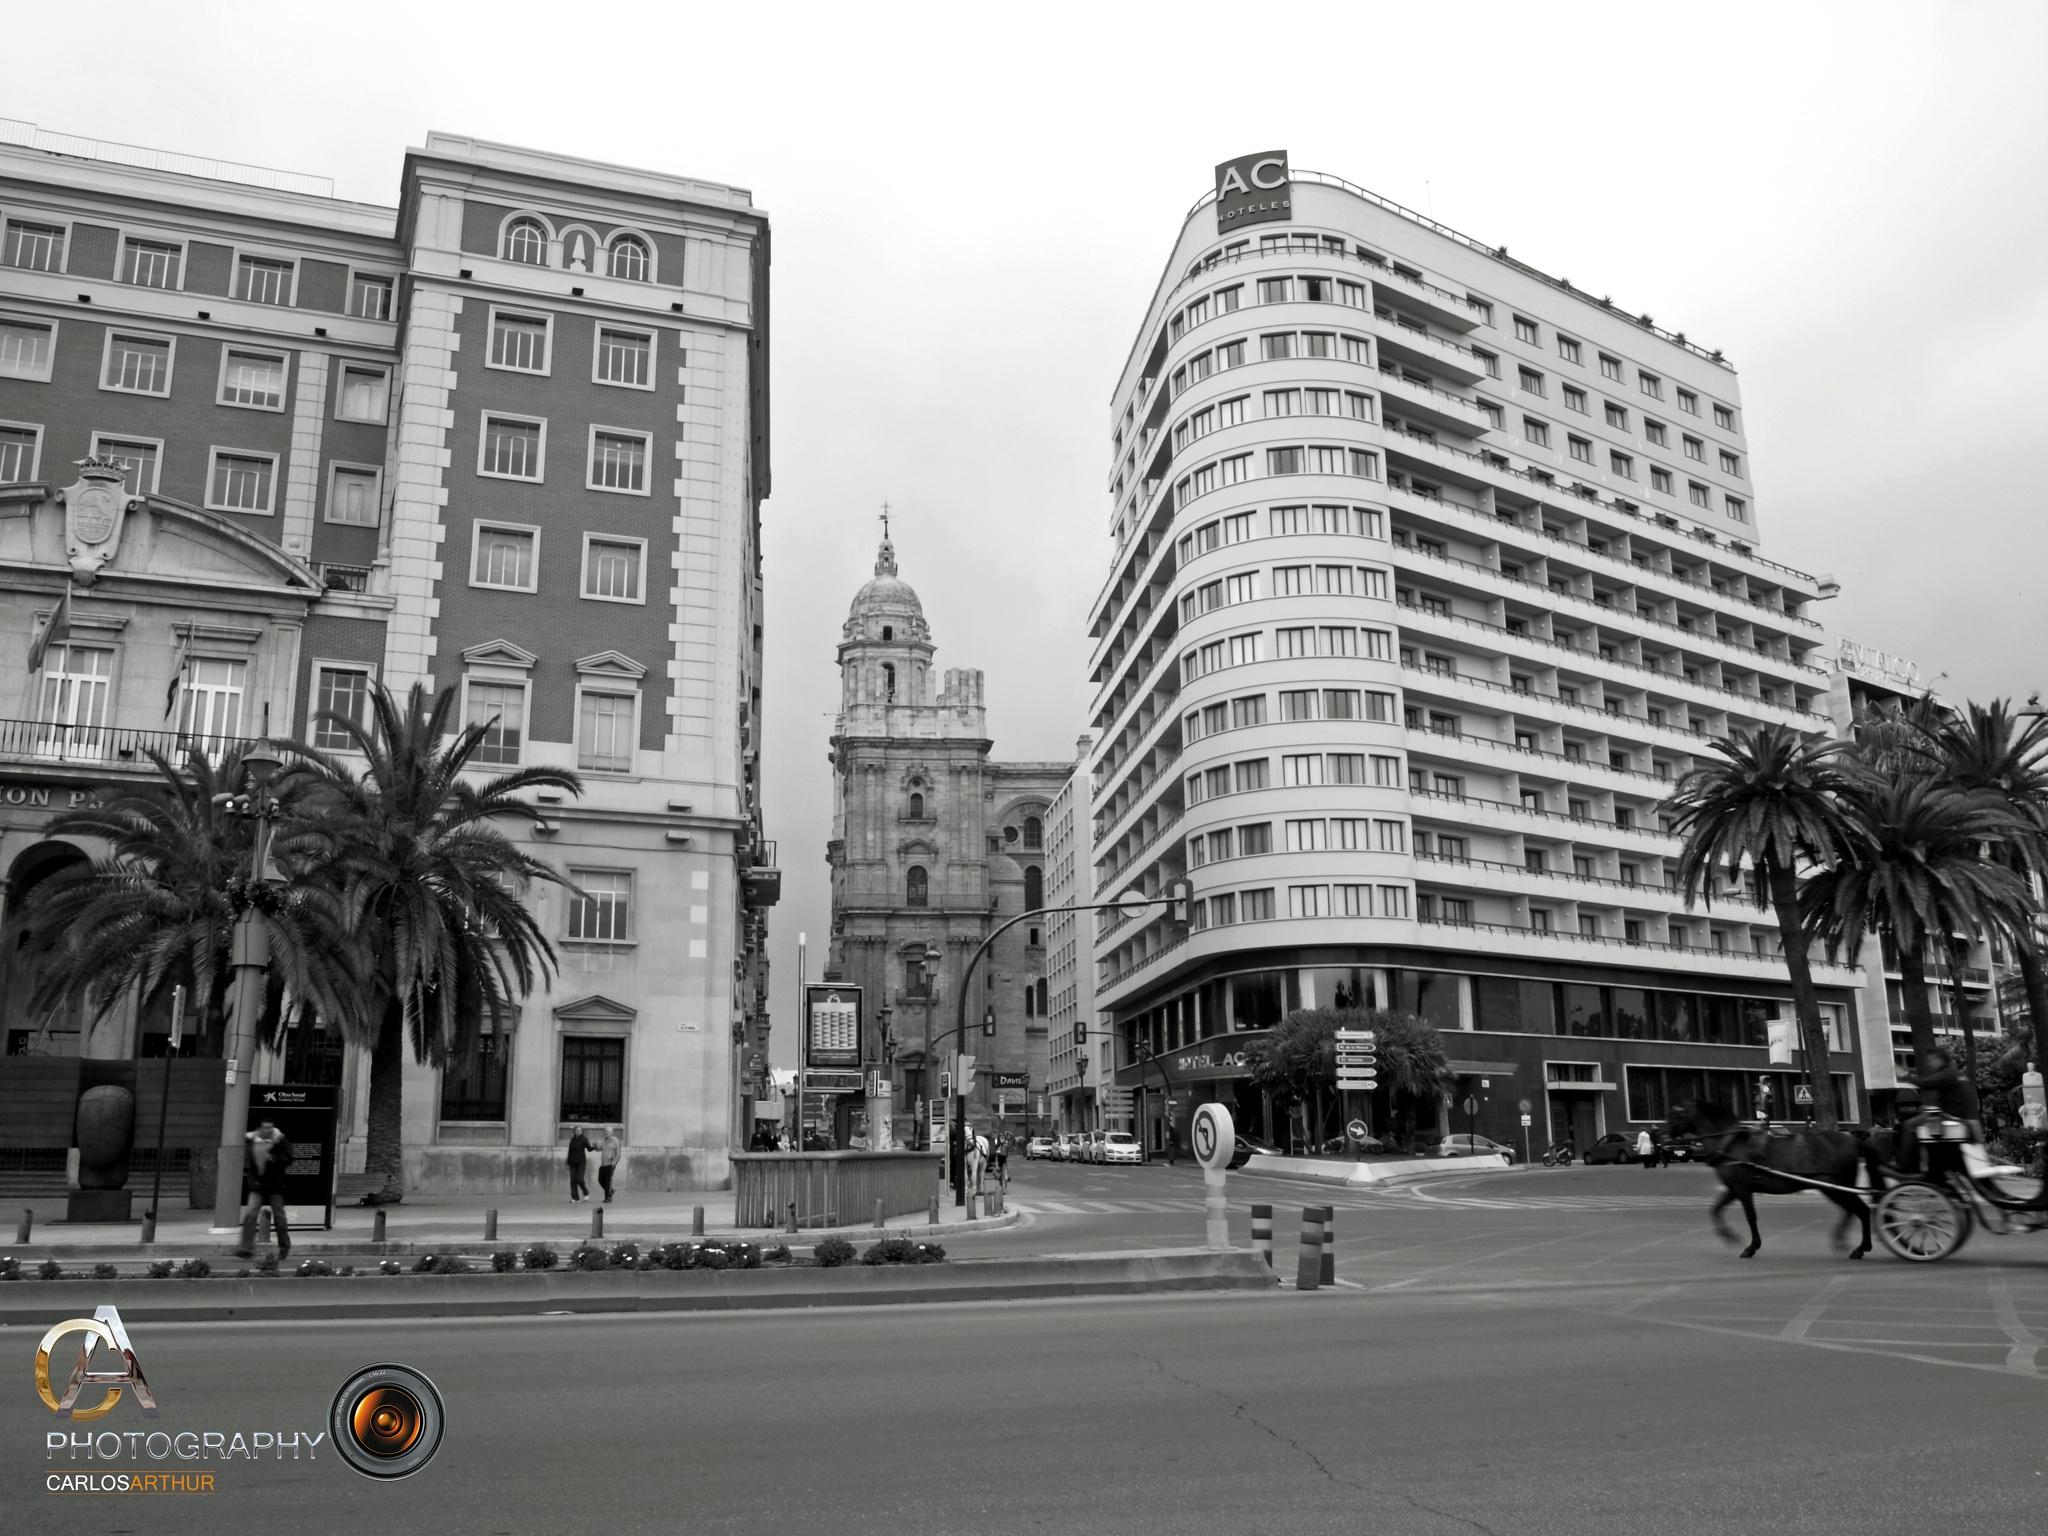 Catedral de Málaga - España by Carlos Arthur Photography